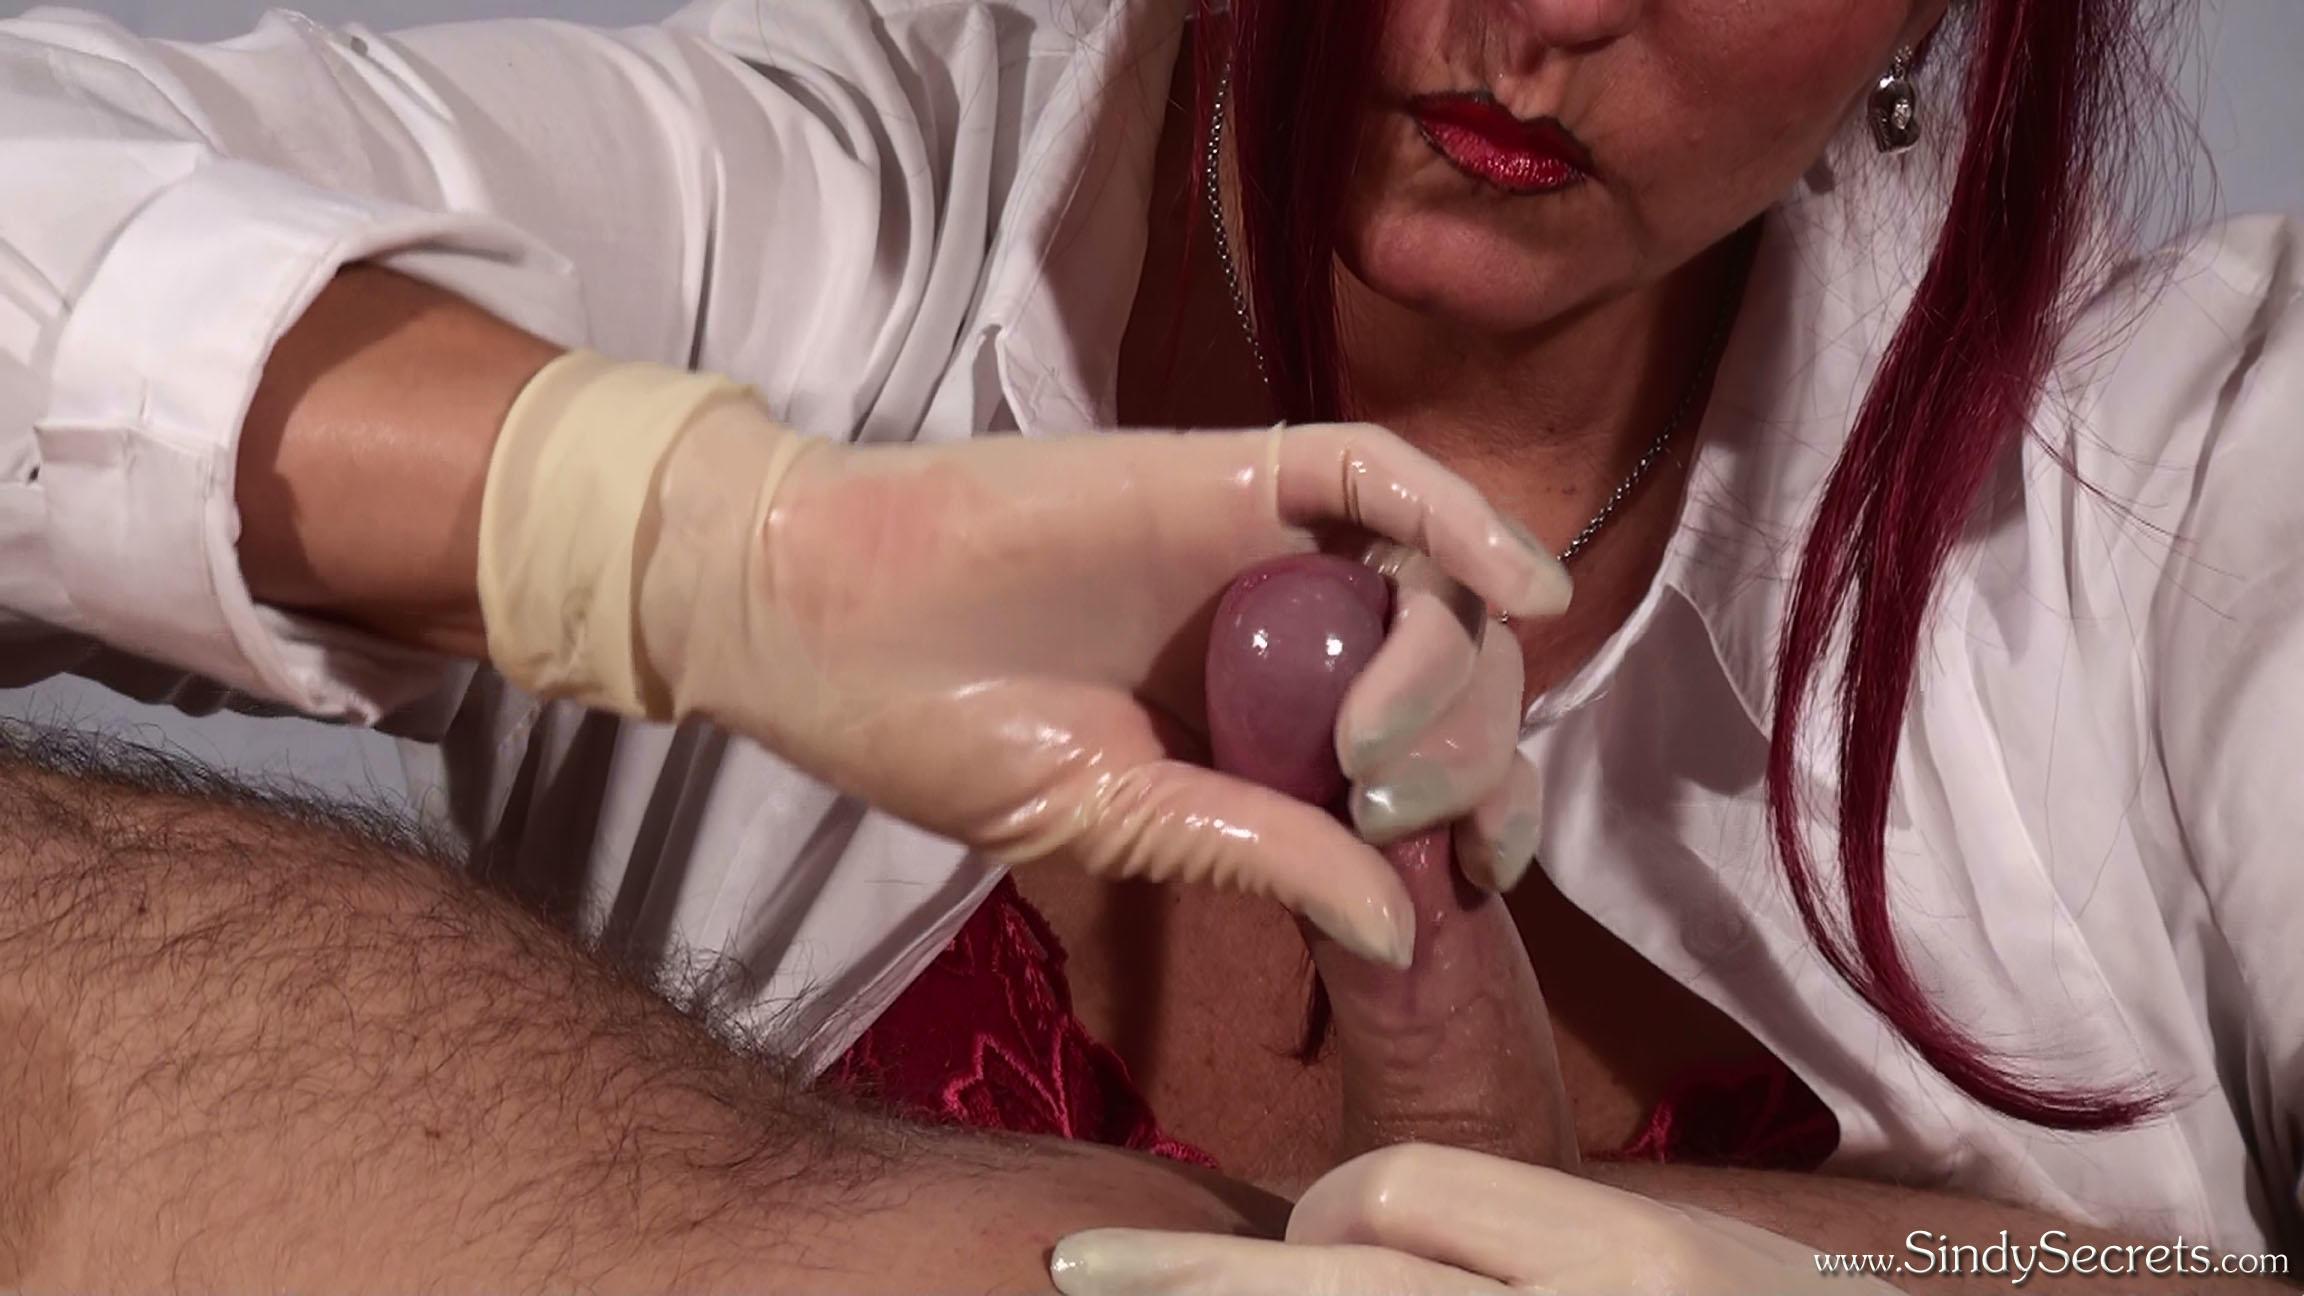 наклонится собирает сперму в перчатку этой малеханькой девчушки